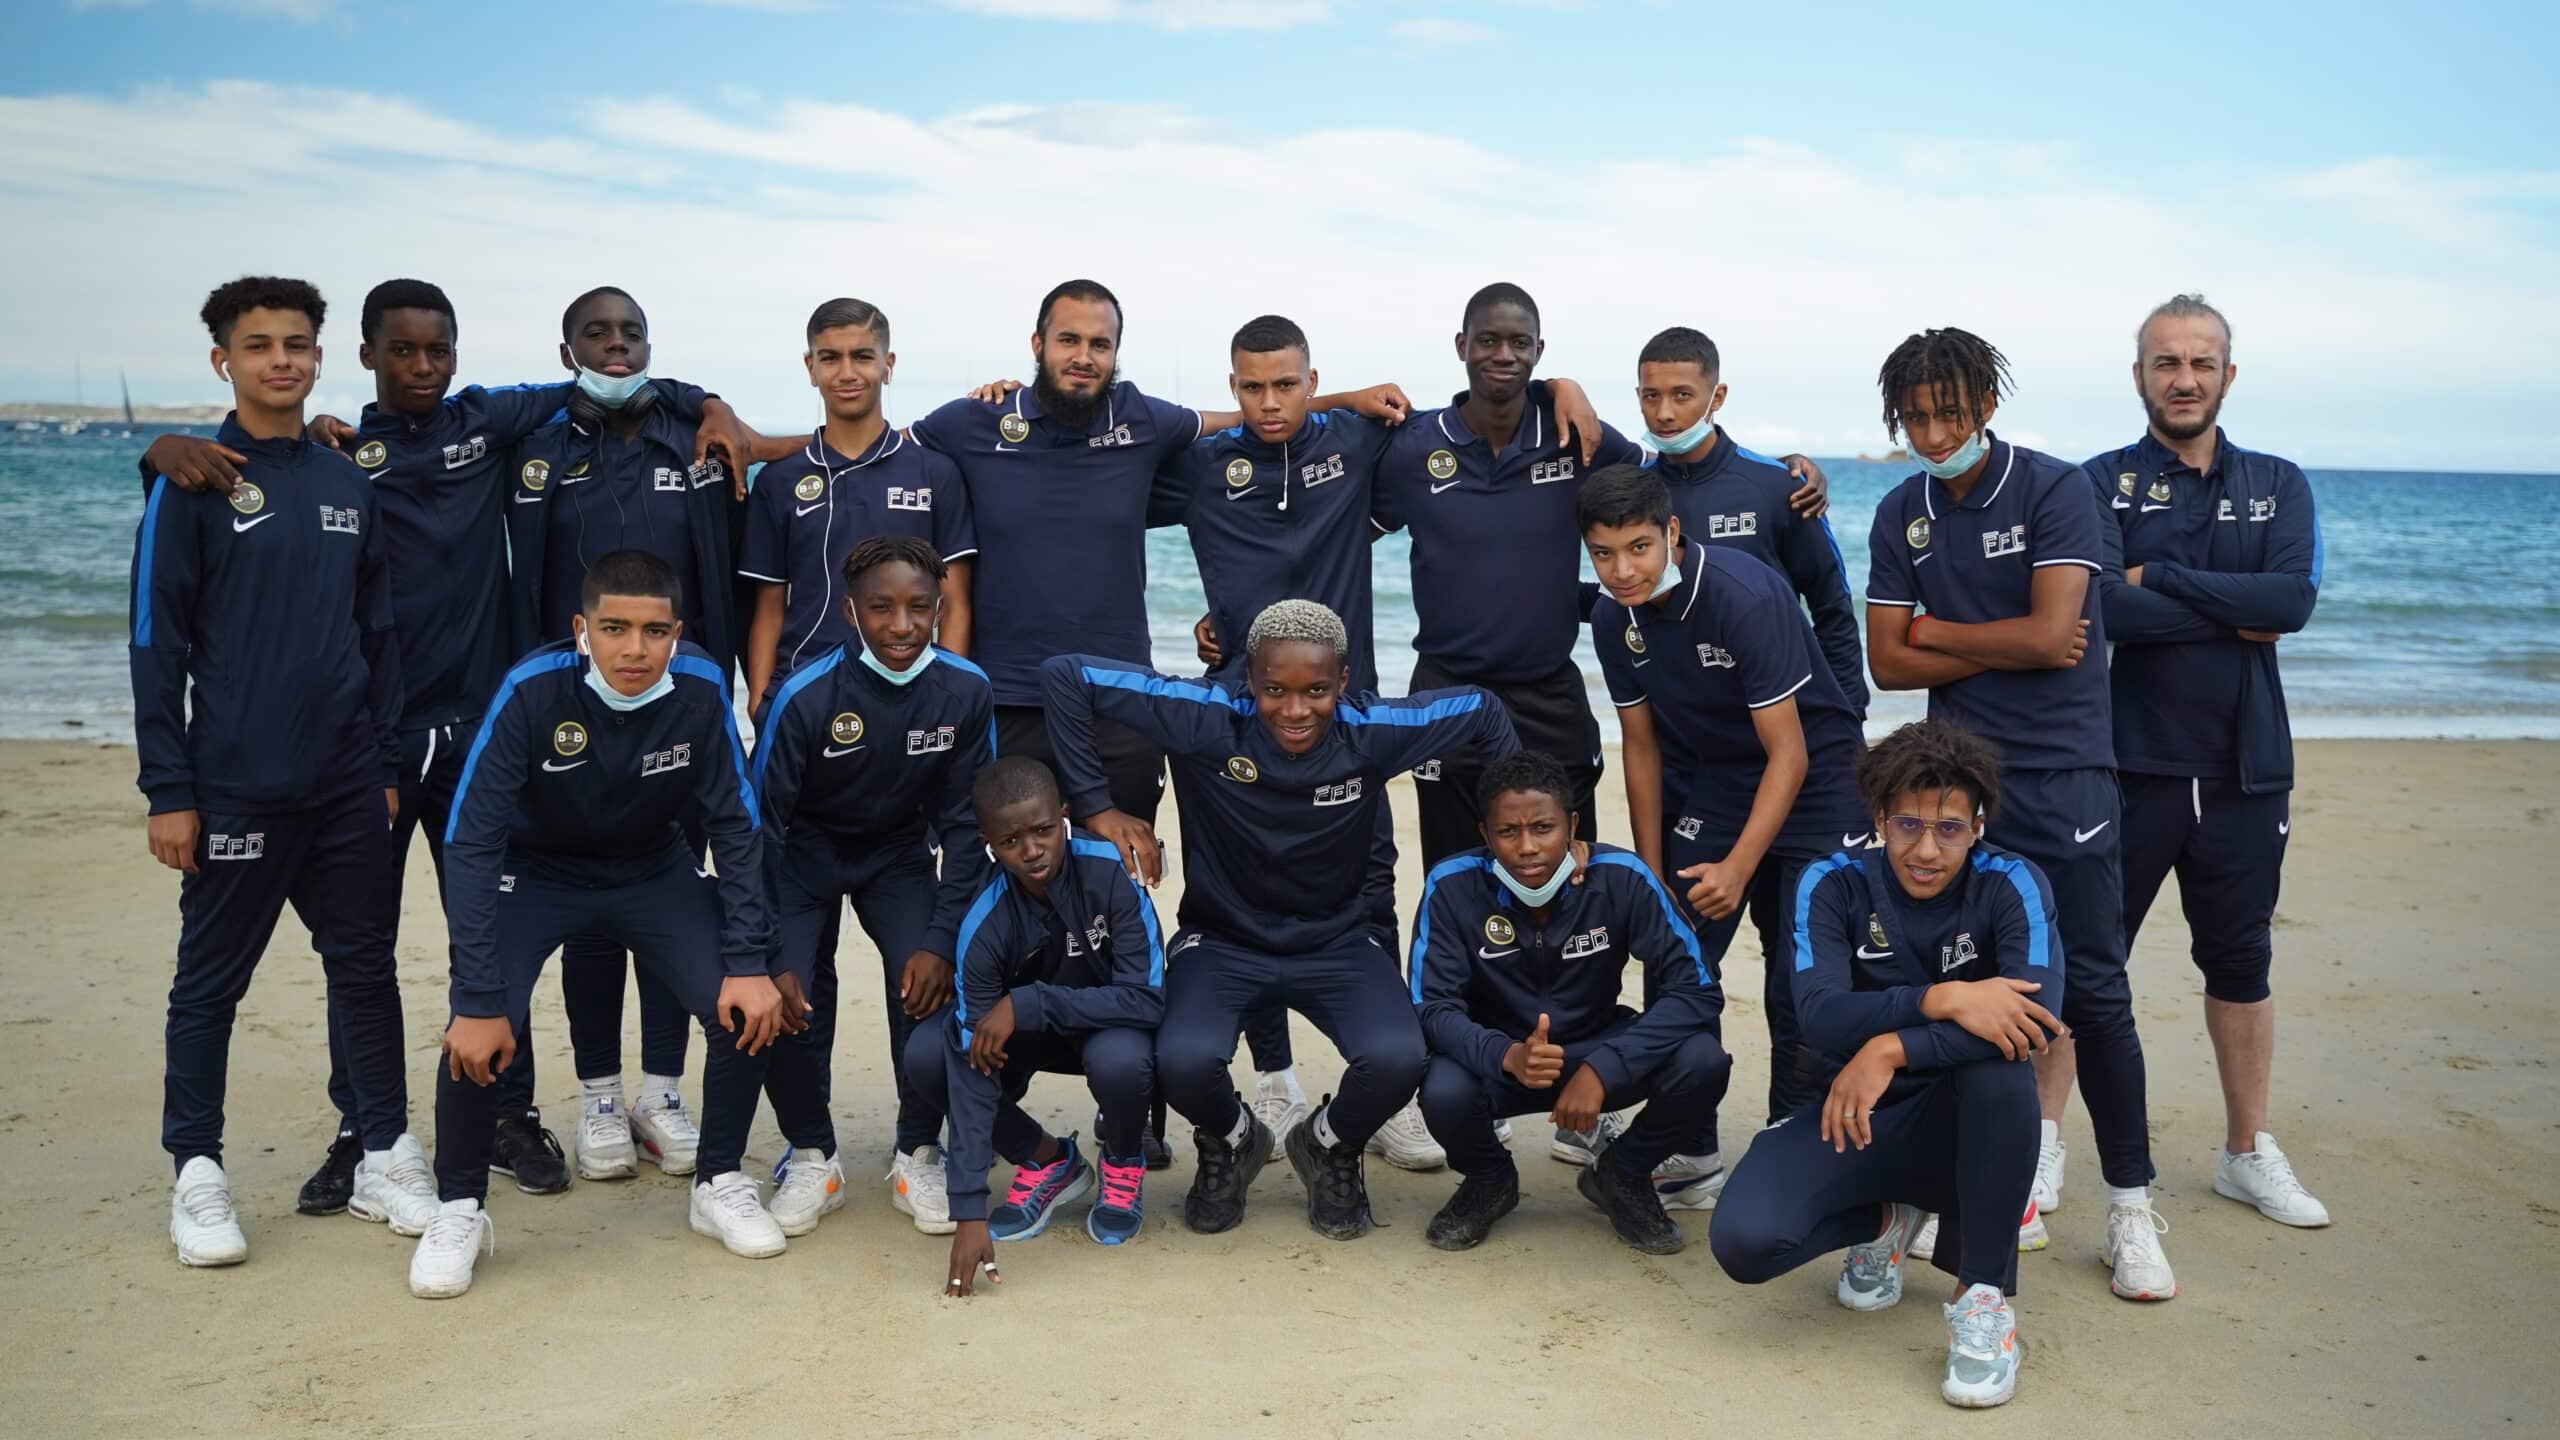 Sélection U16 en stage au Stade Brestois 29 après la phase finale de 2020